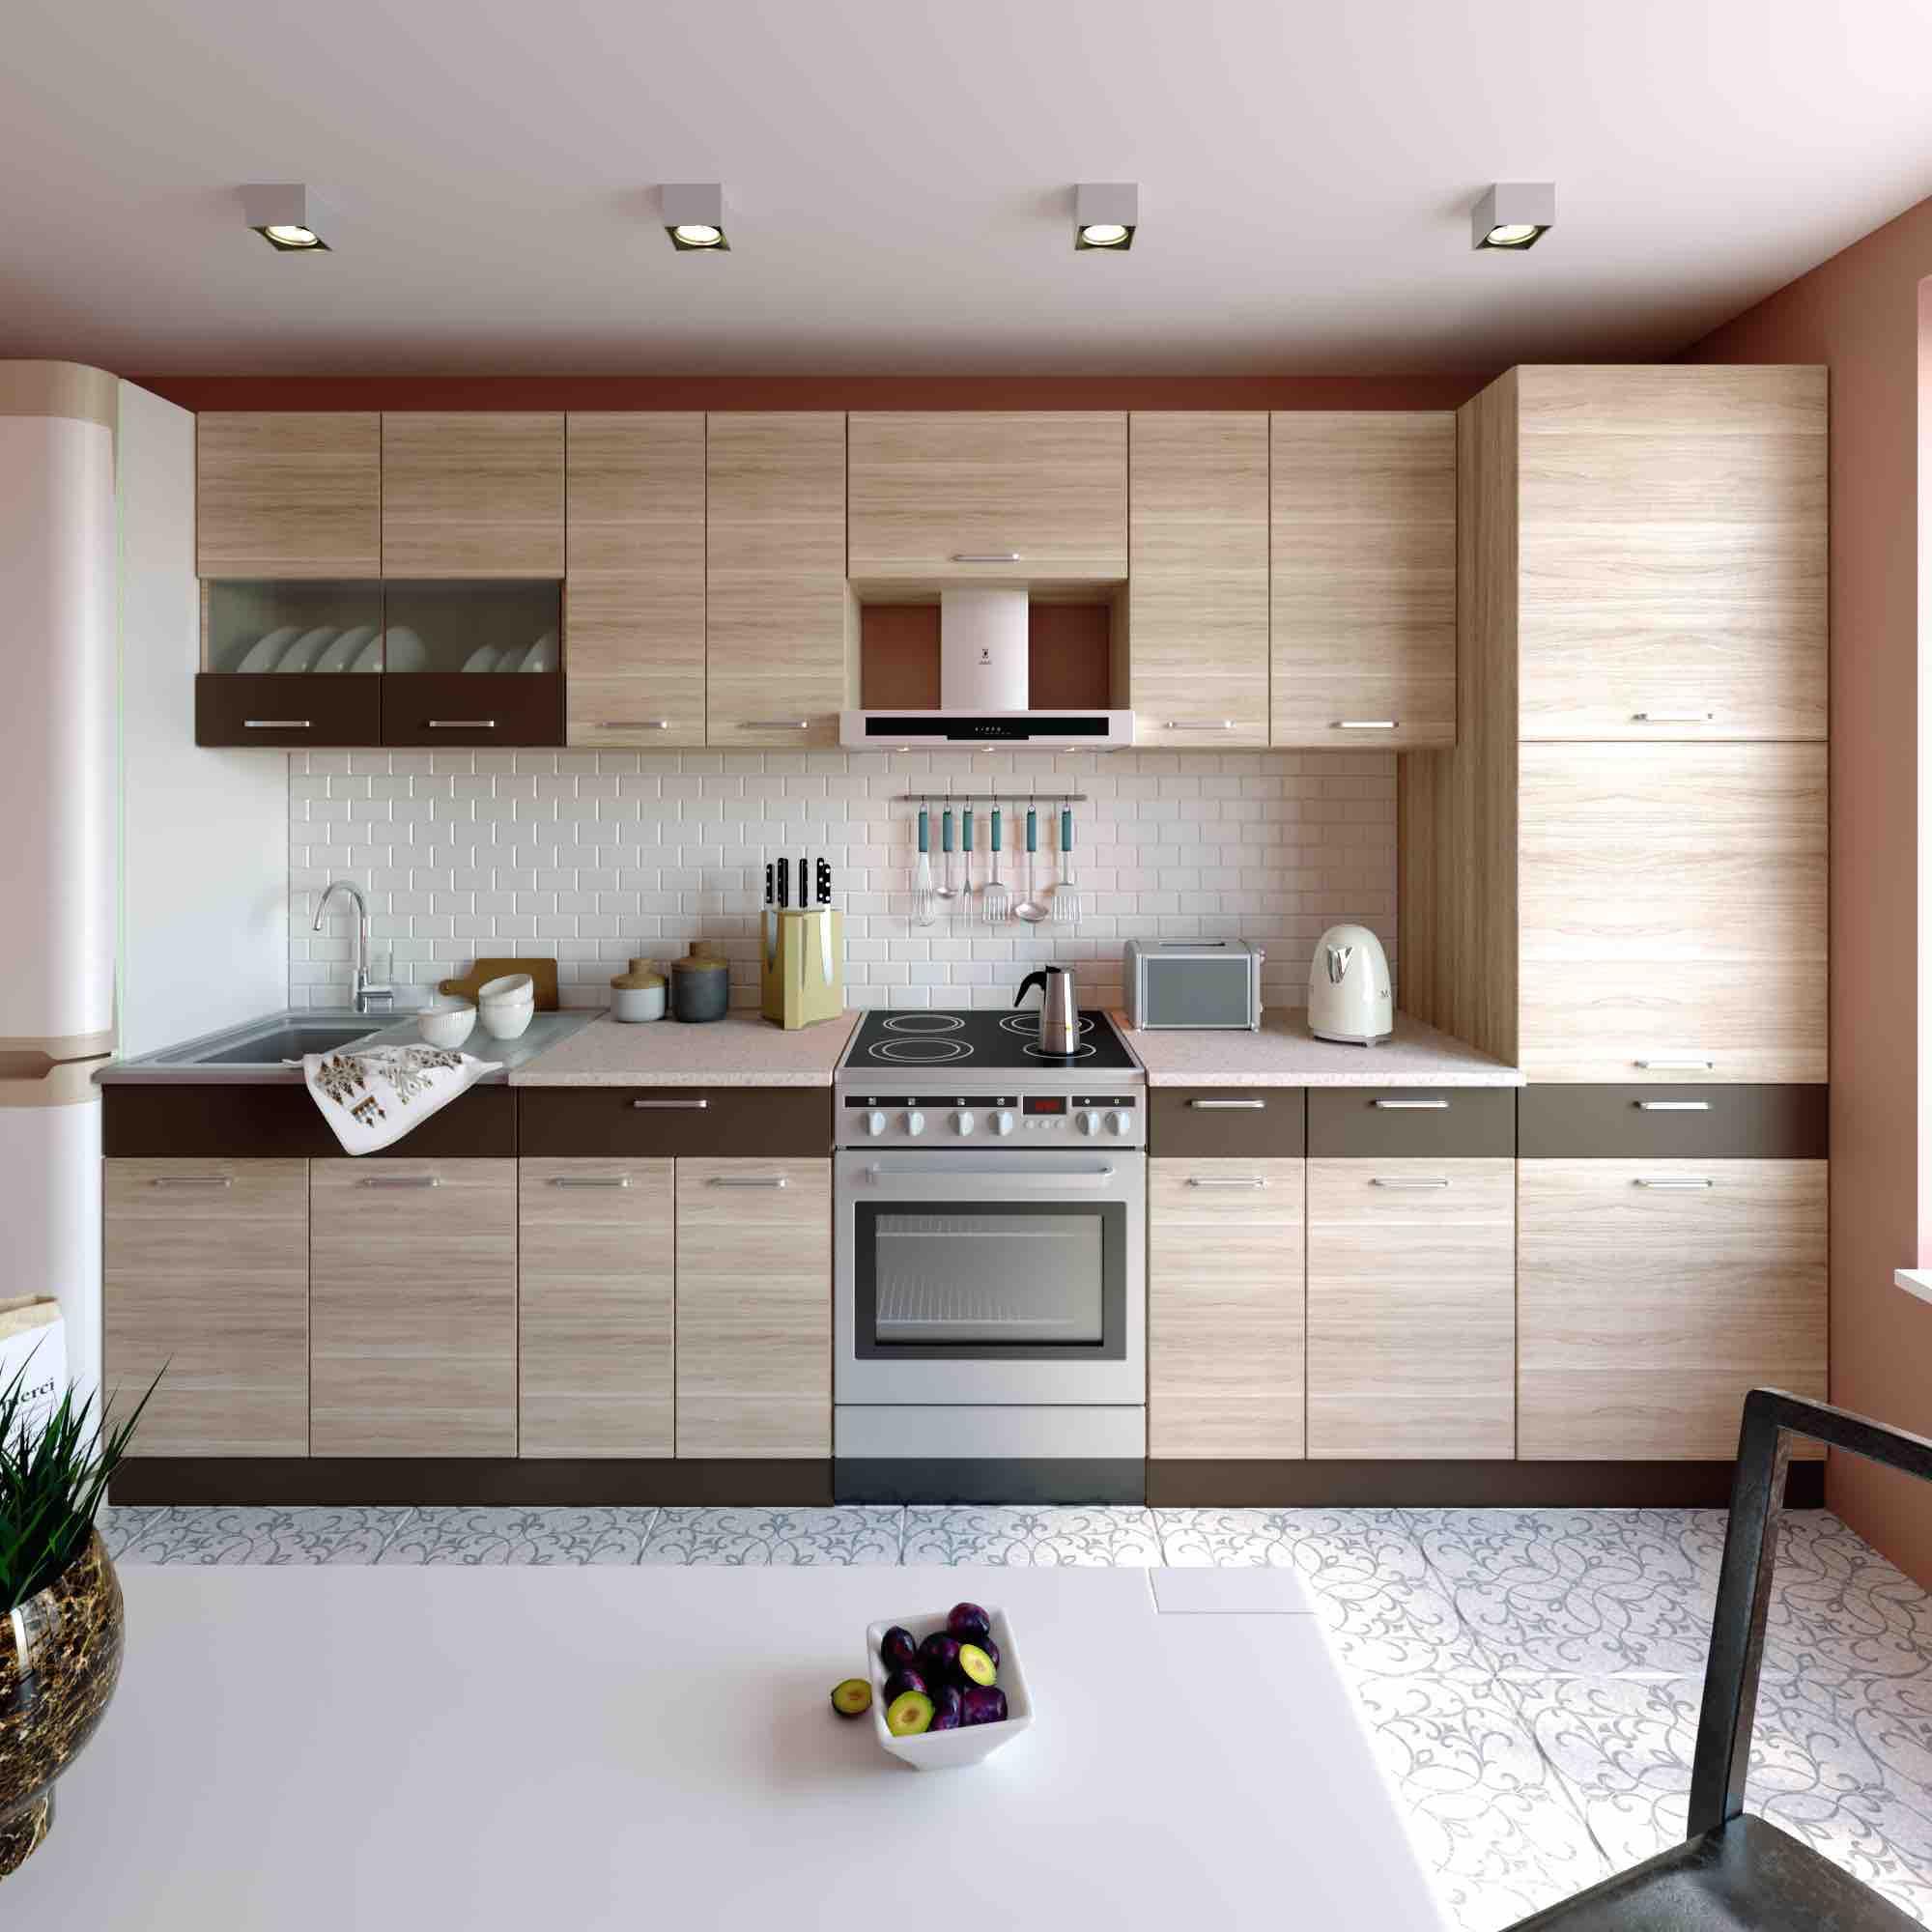 Bezaubernd Bilder Für Die Küche Referenz Von 1; 2